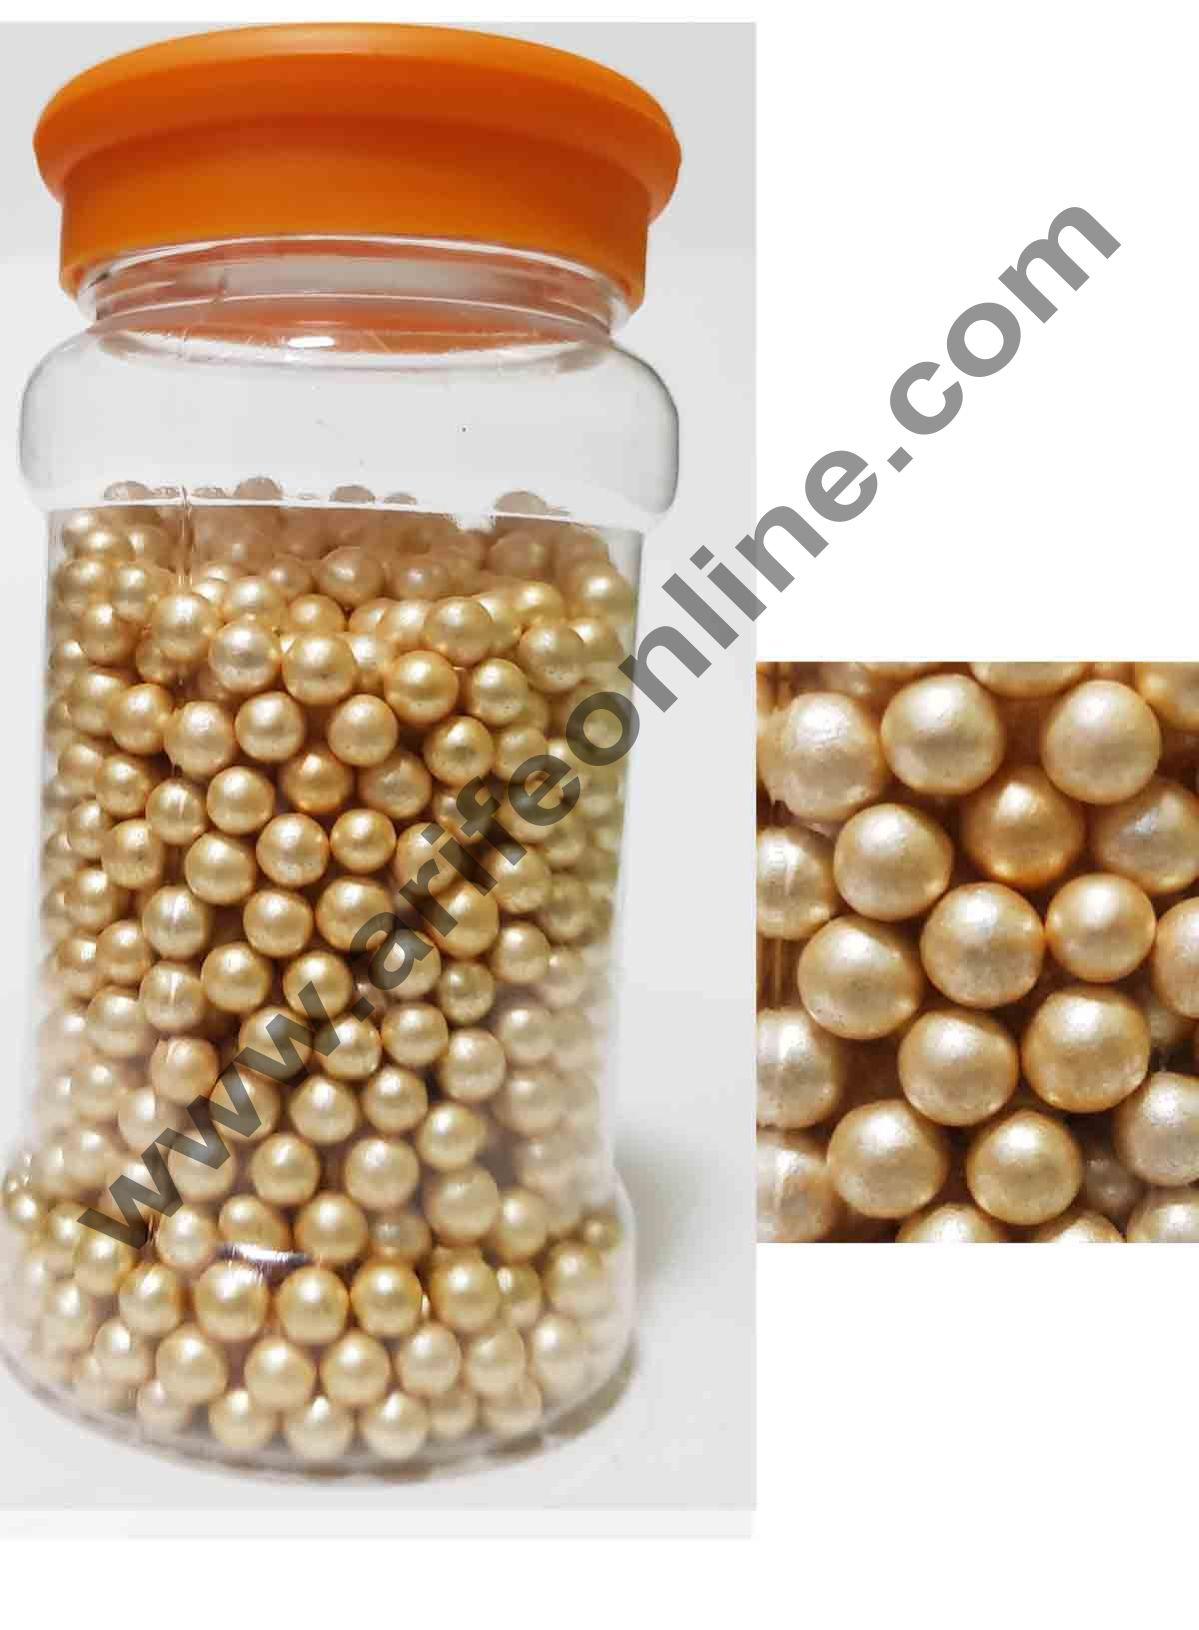 Cake Decor Golden Balls Medium Sugar Candy